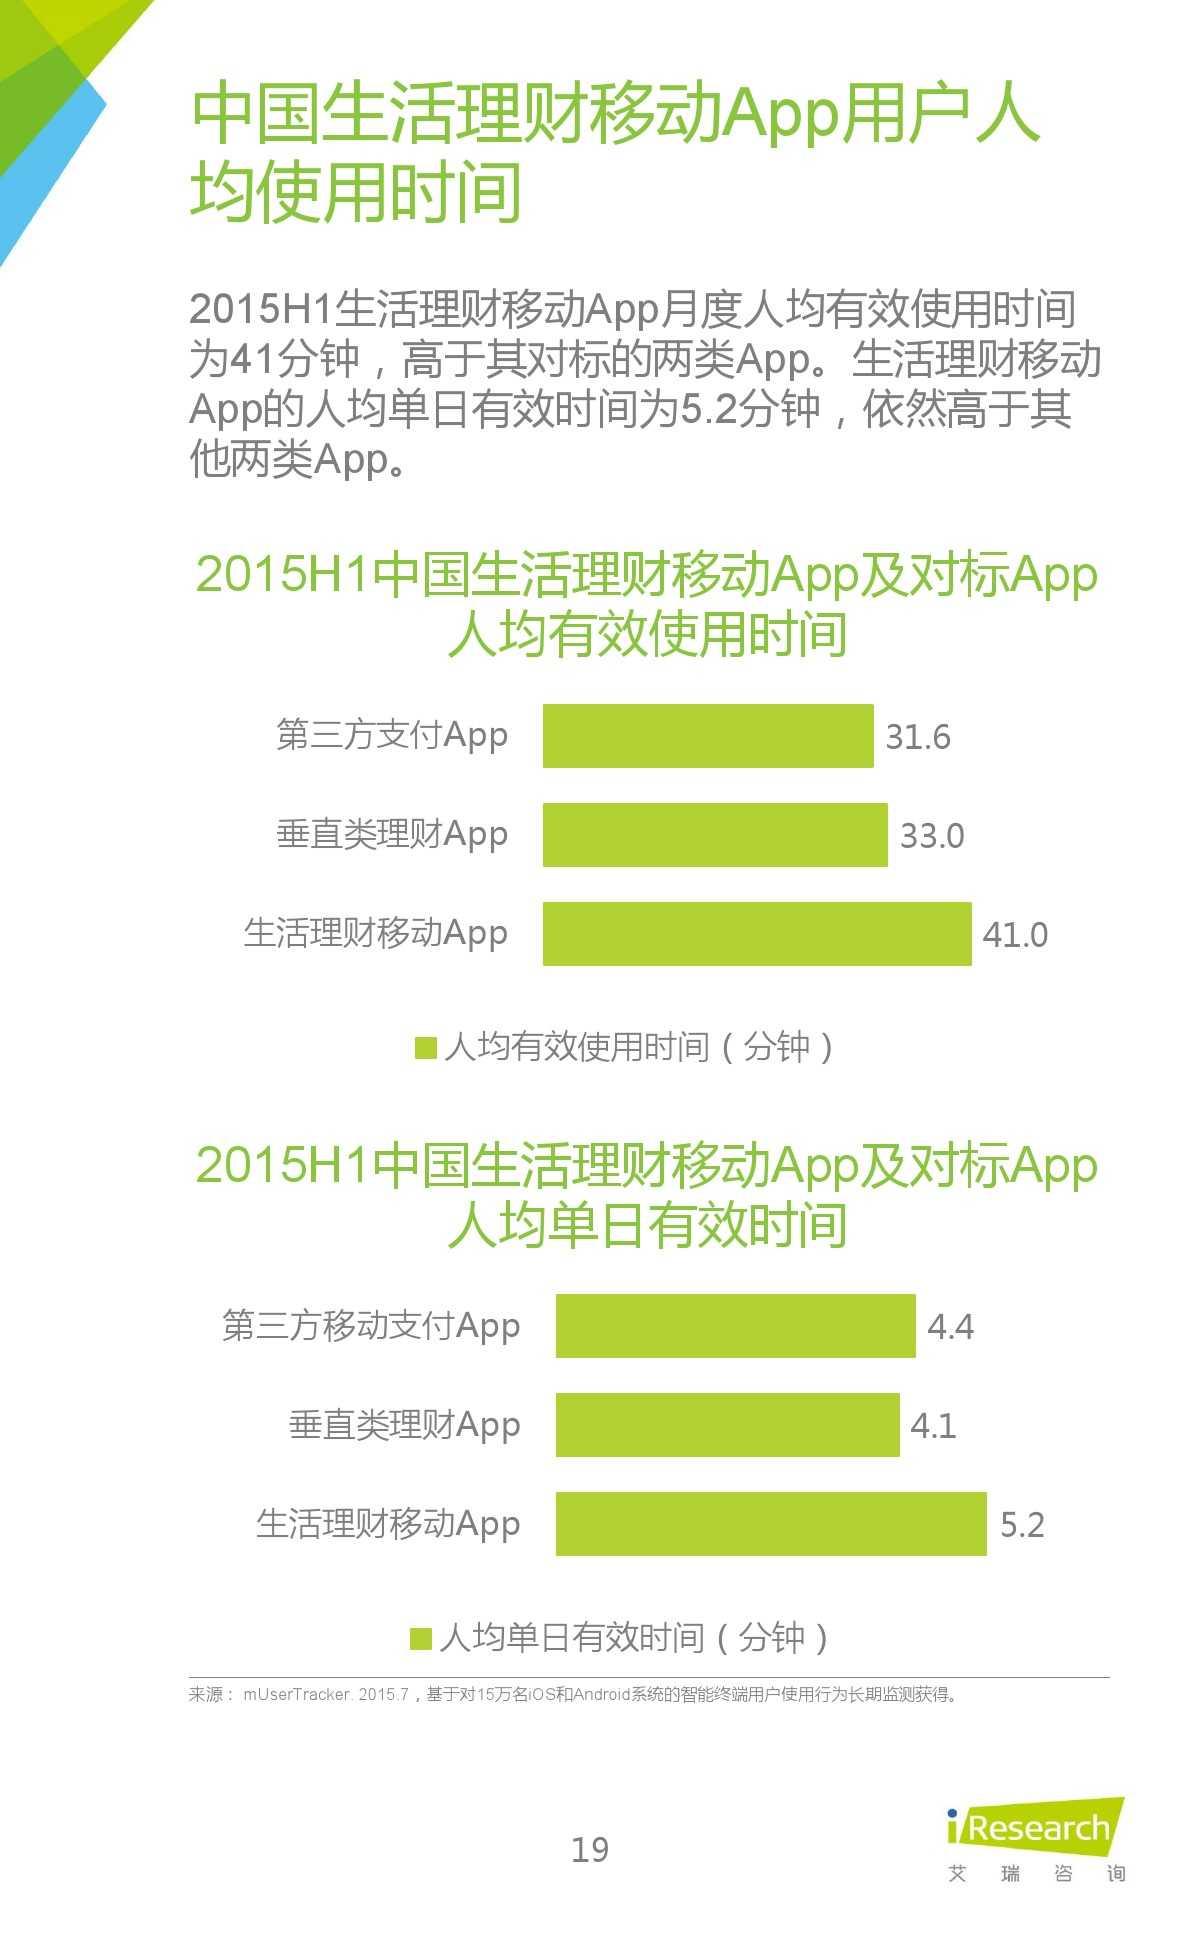 2015年中国生活理财移动App行业研究报告_000019